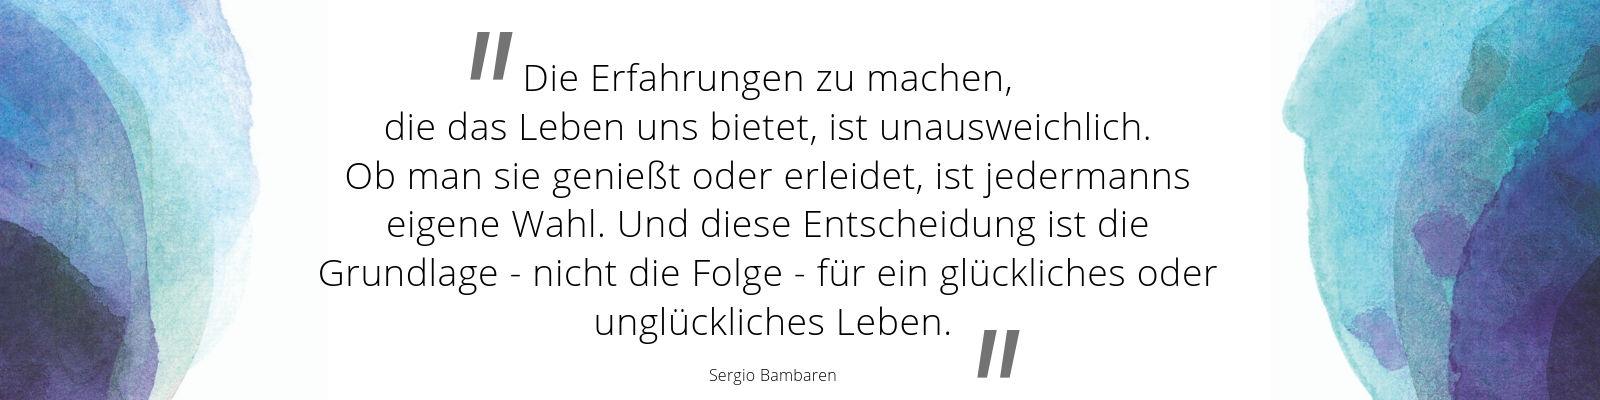 Zitat von Sergio Bambaren